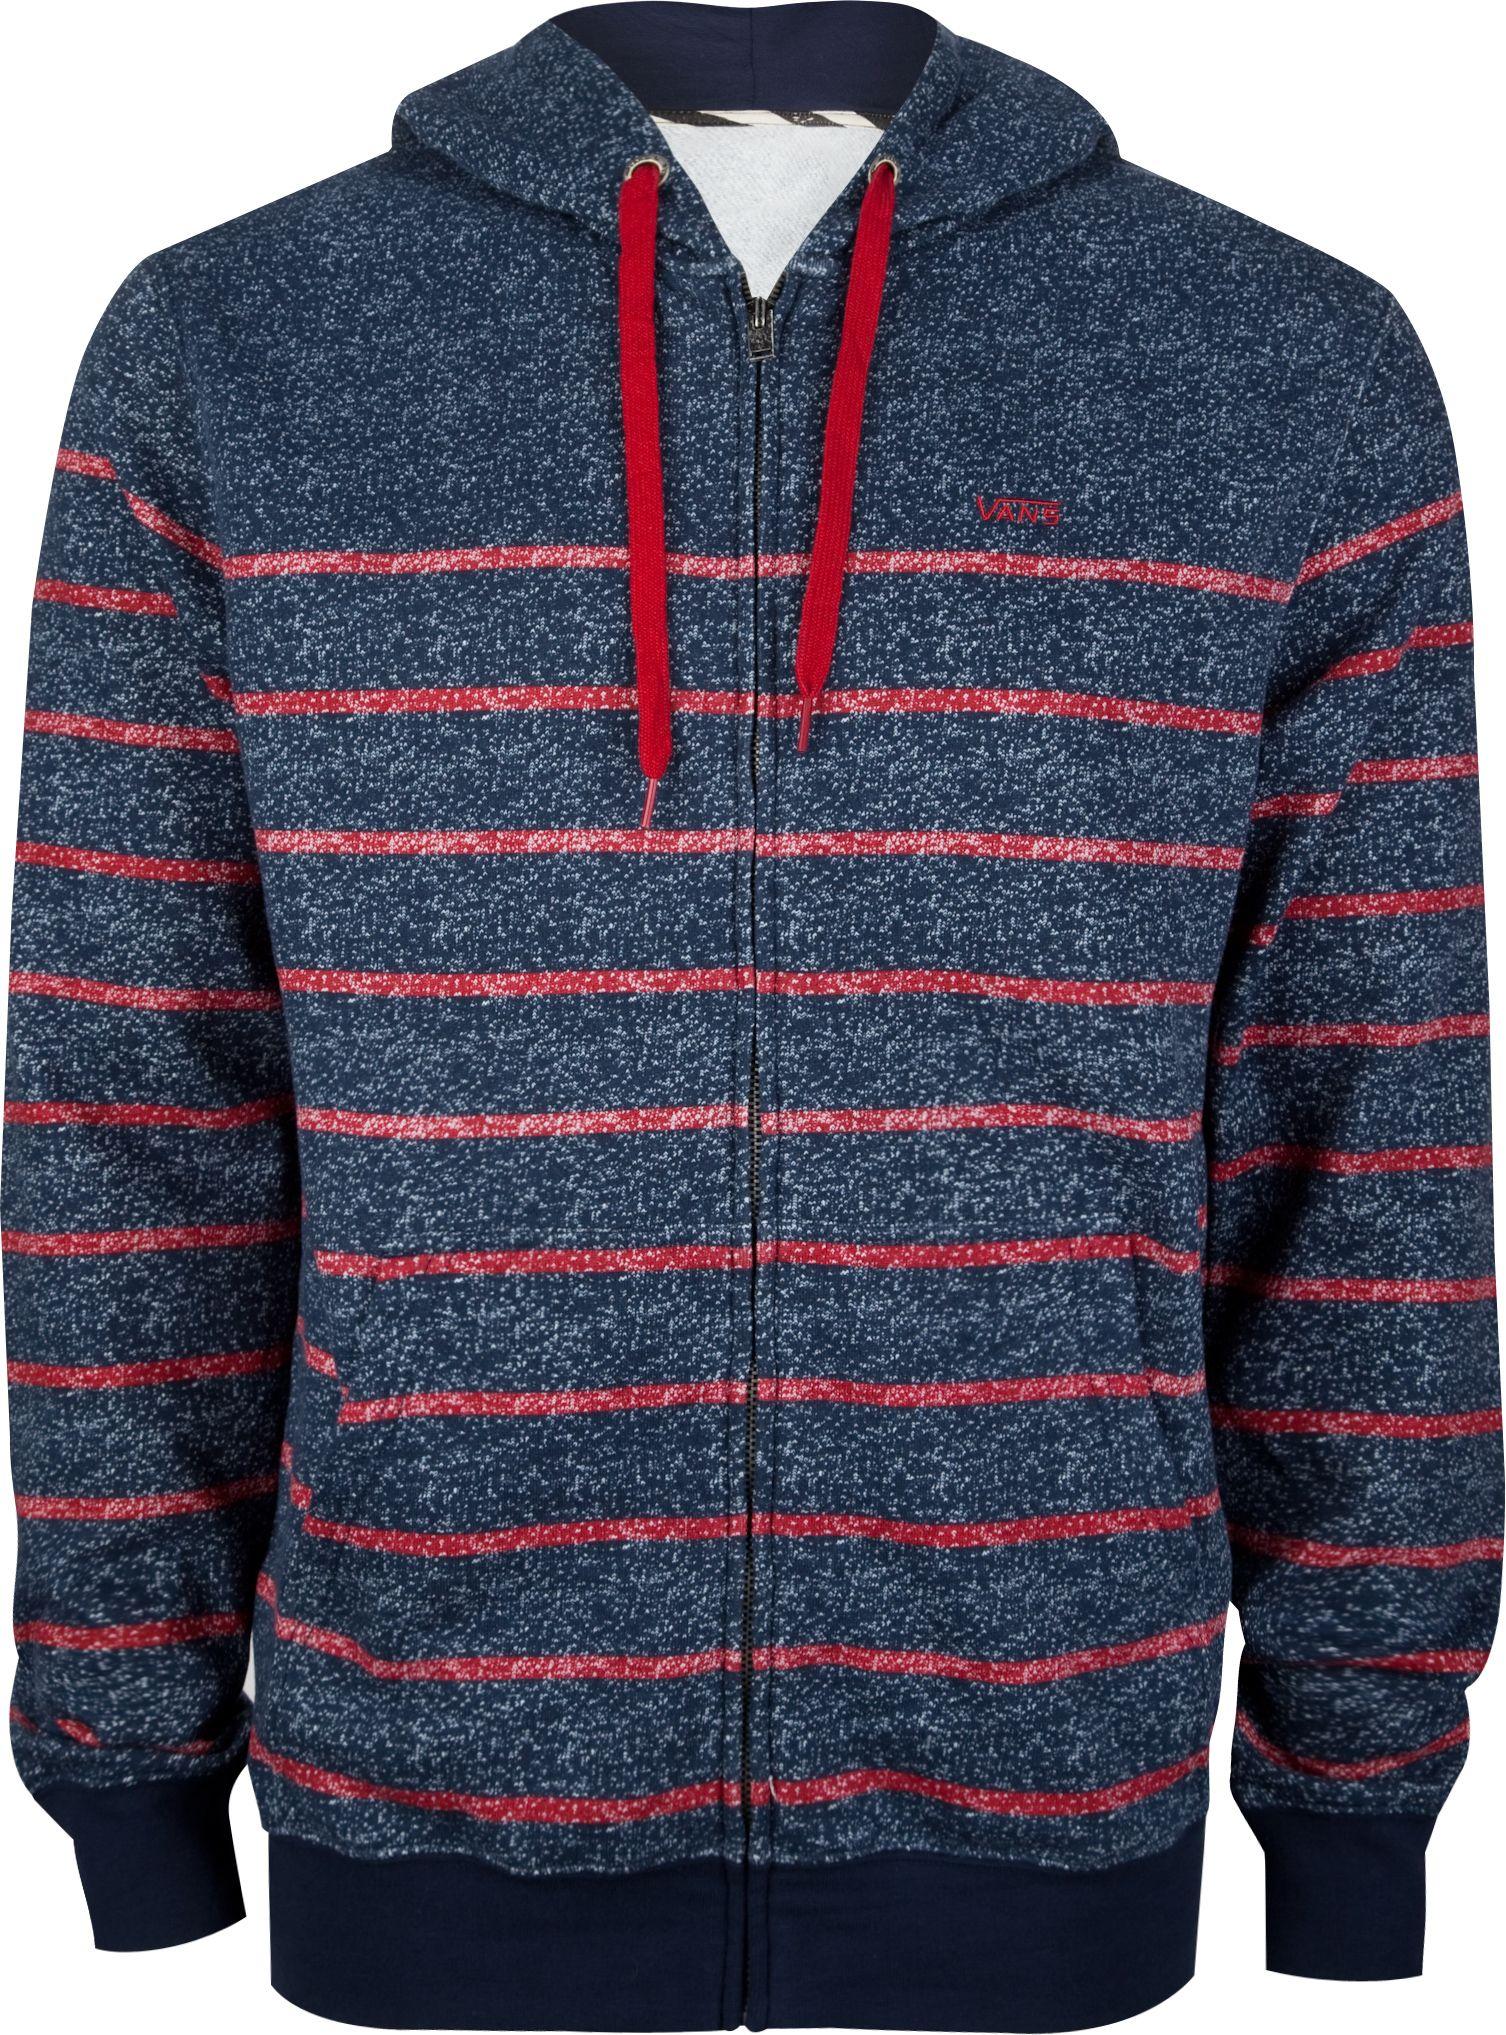 VANS Mercer Mens Hoodie 196988371 Sweatshirts & Hoodies